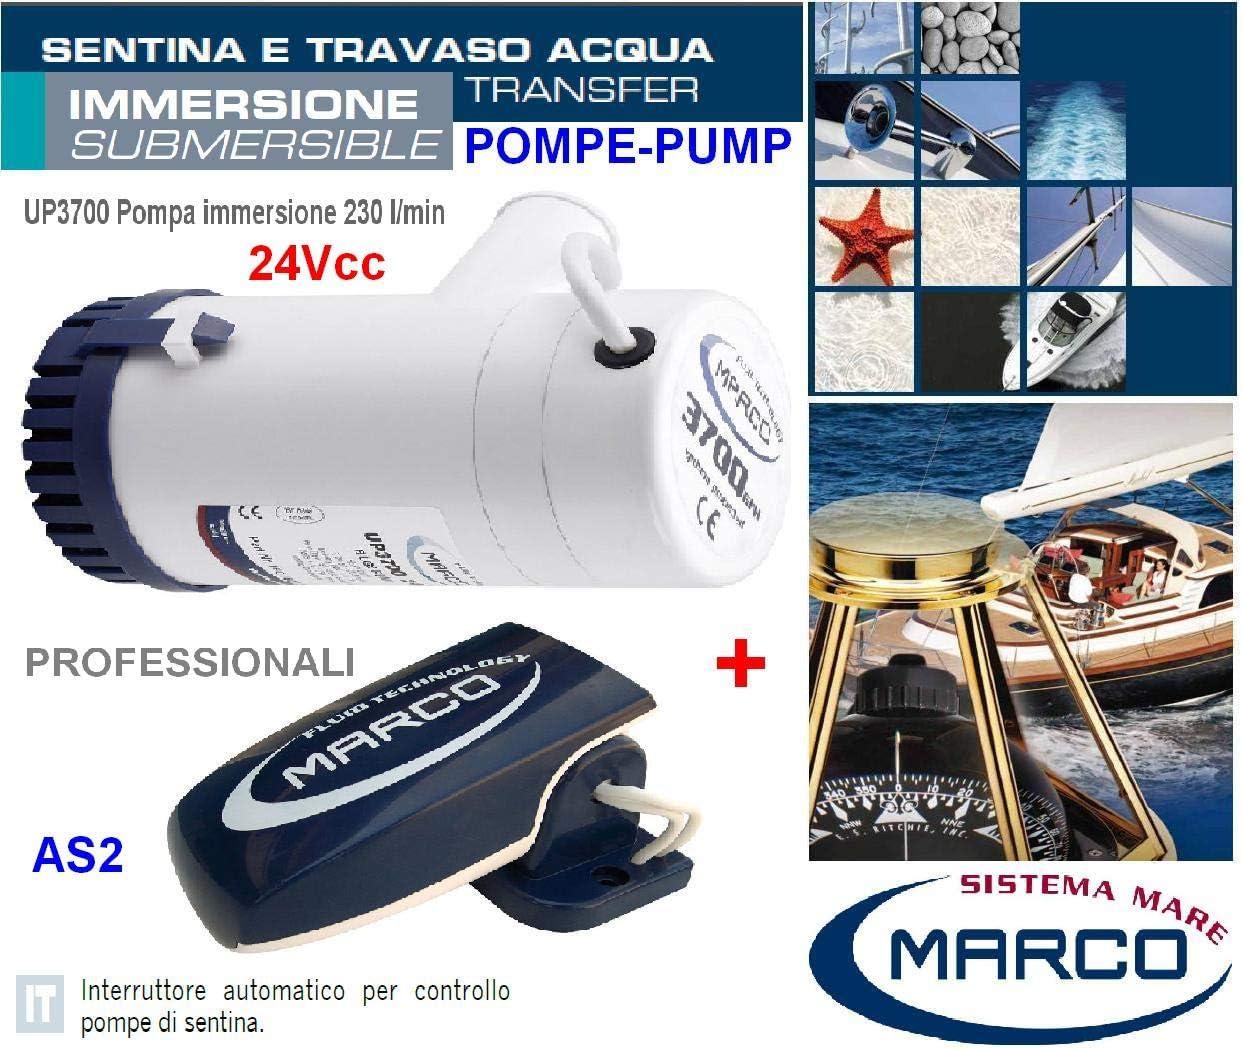 Bomba SENTINA de altísima potencia profesional de inmersión con interruptor flotante AS2 alimentación de 24 V CC alcance 230 litros por minuto Made in Italy 100% para barco pesqueros YACHT UP3700